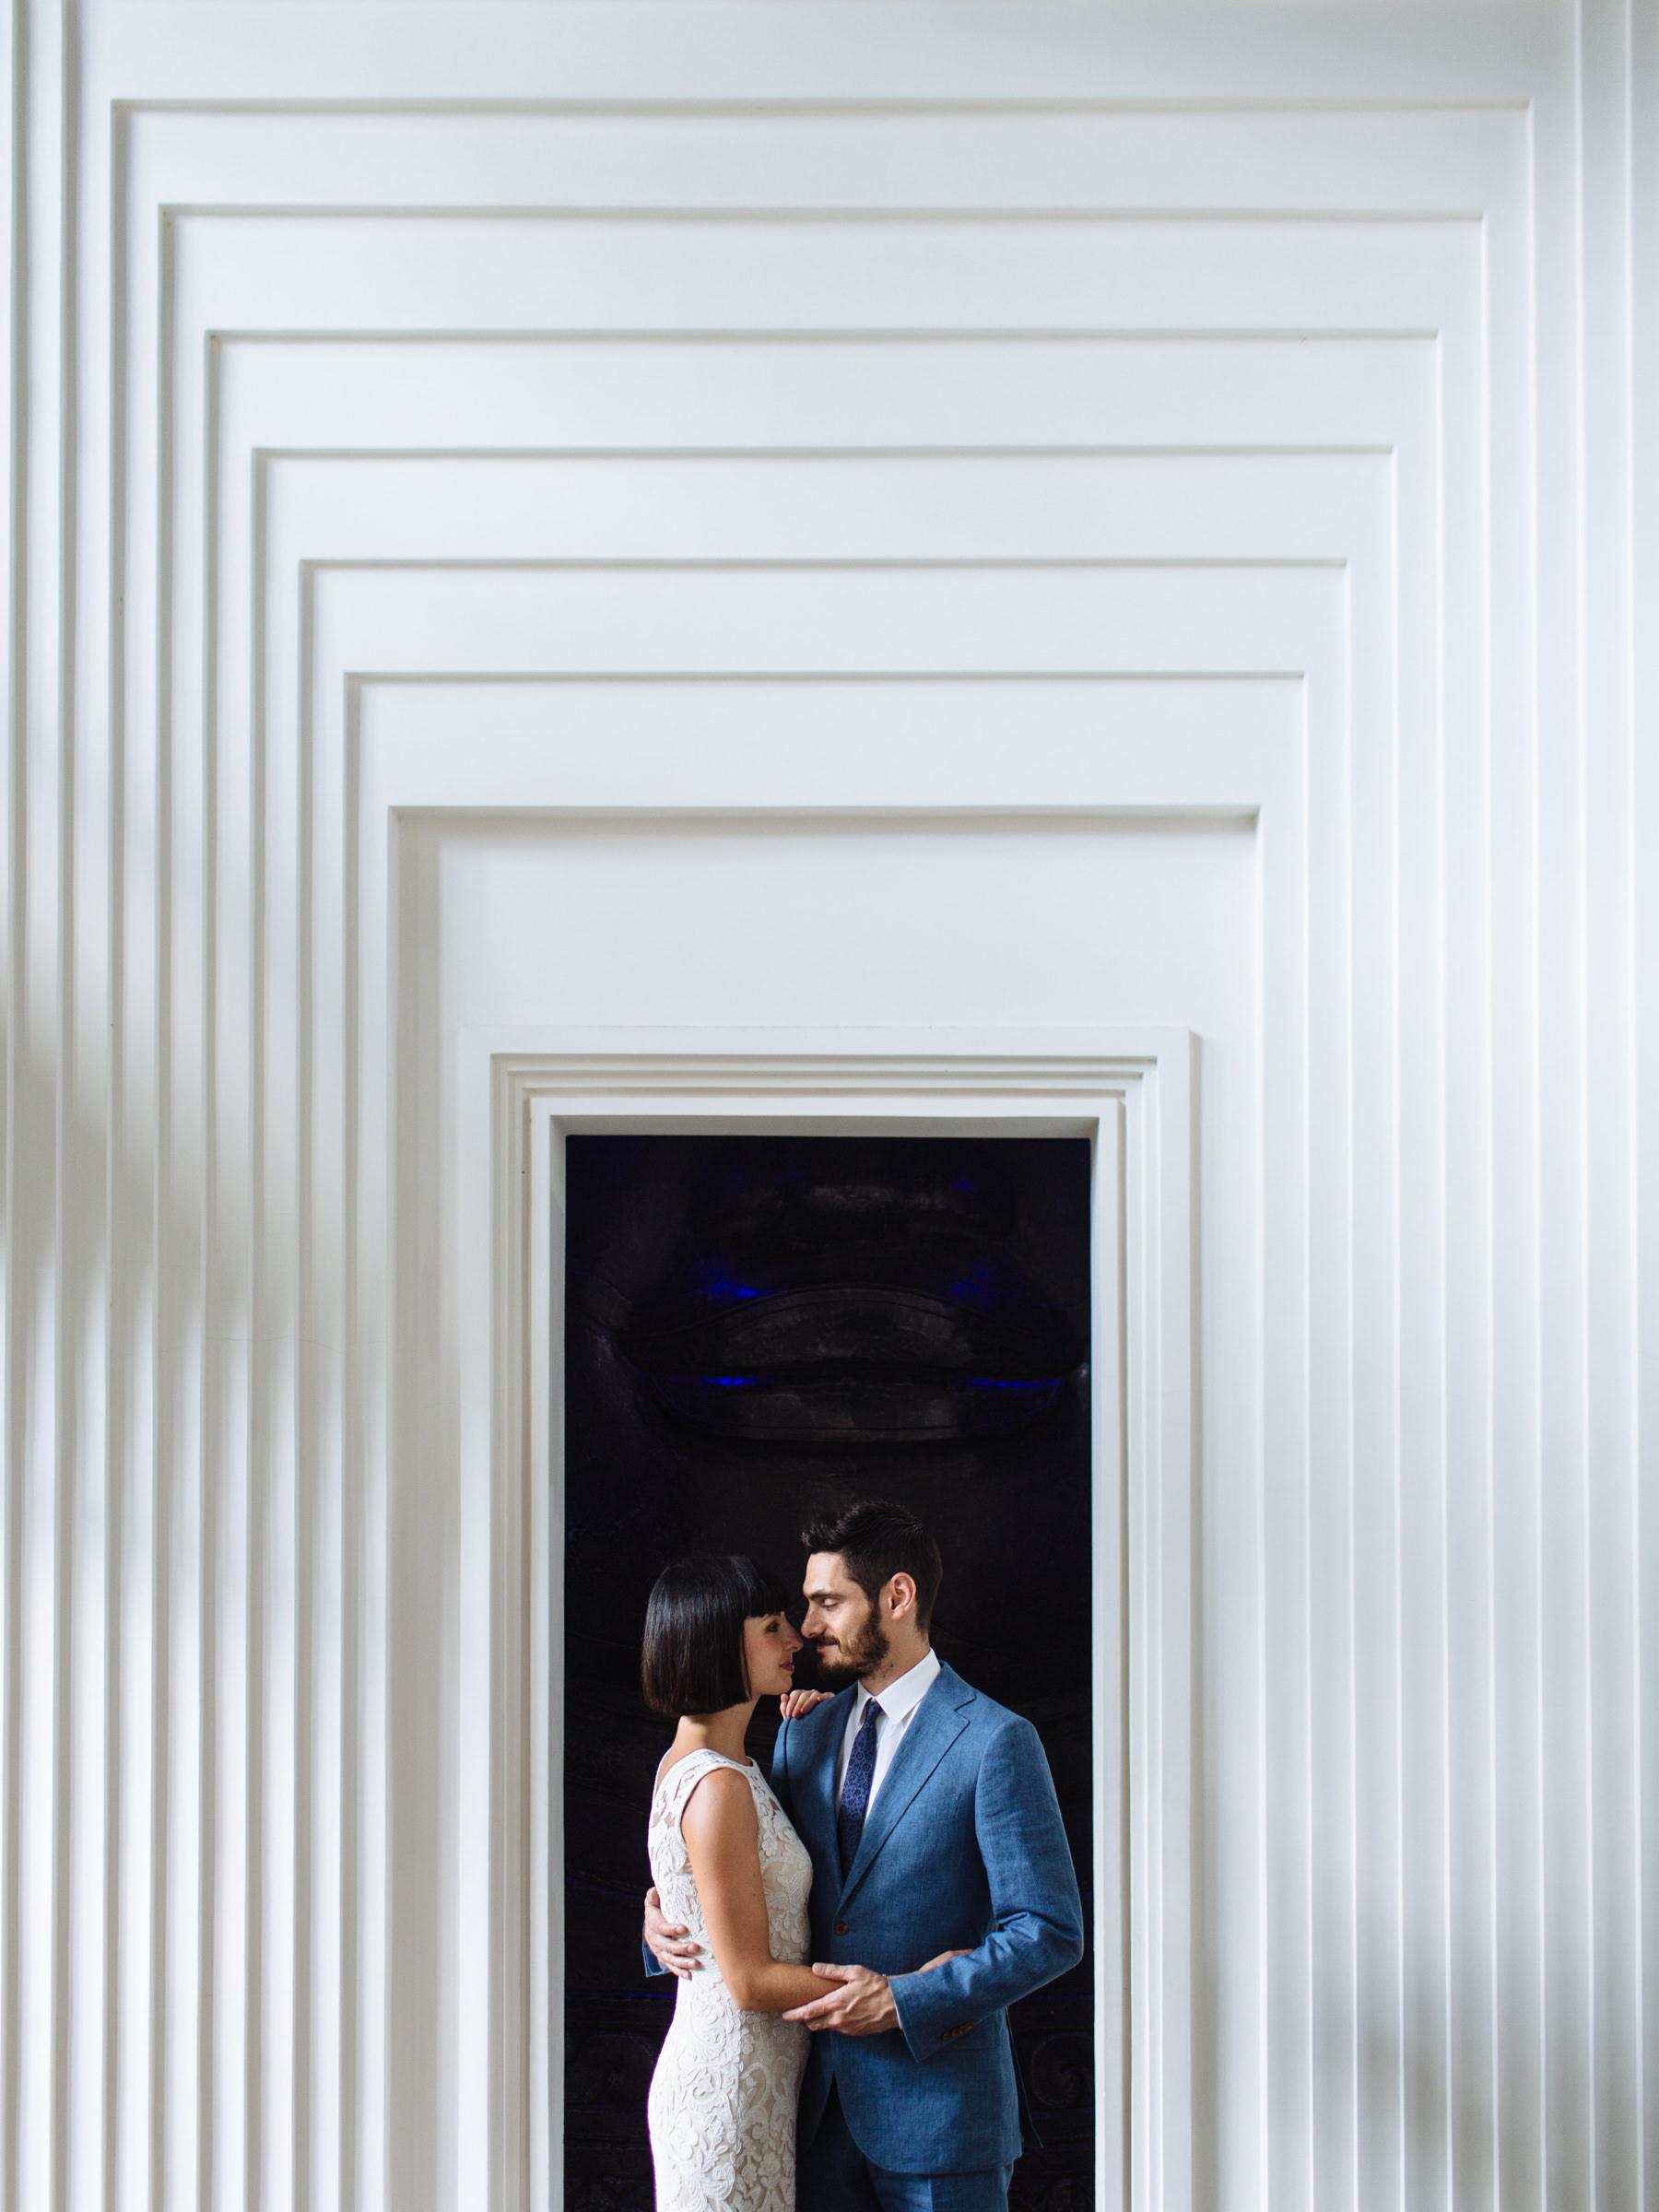 Couple in elaborate modern doorway - Photo by Wainwright Weddings